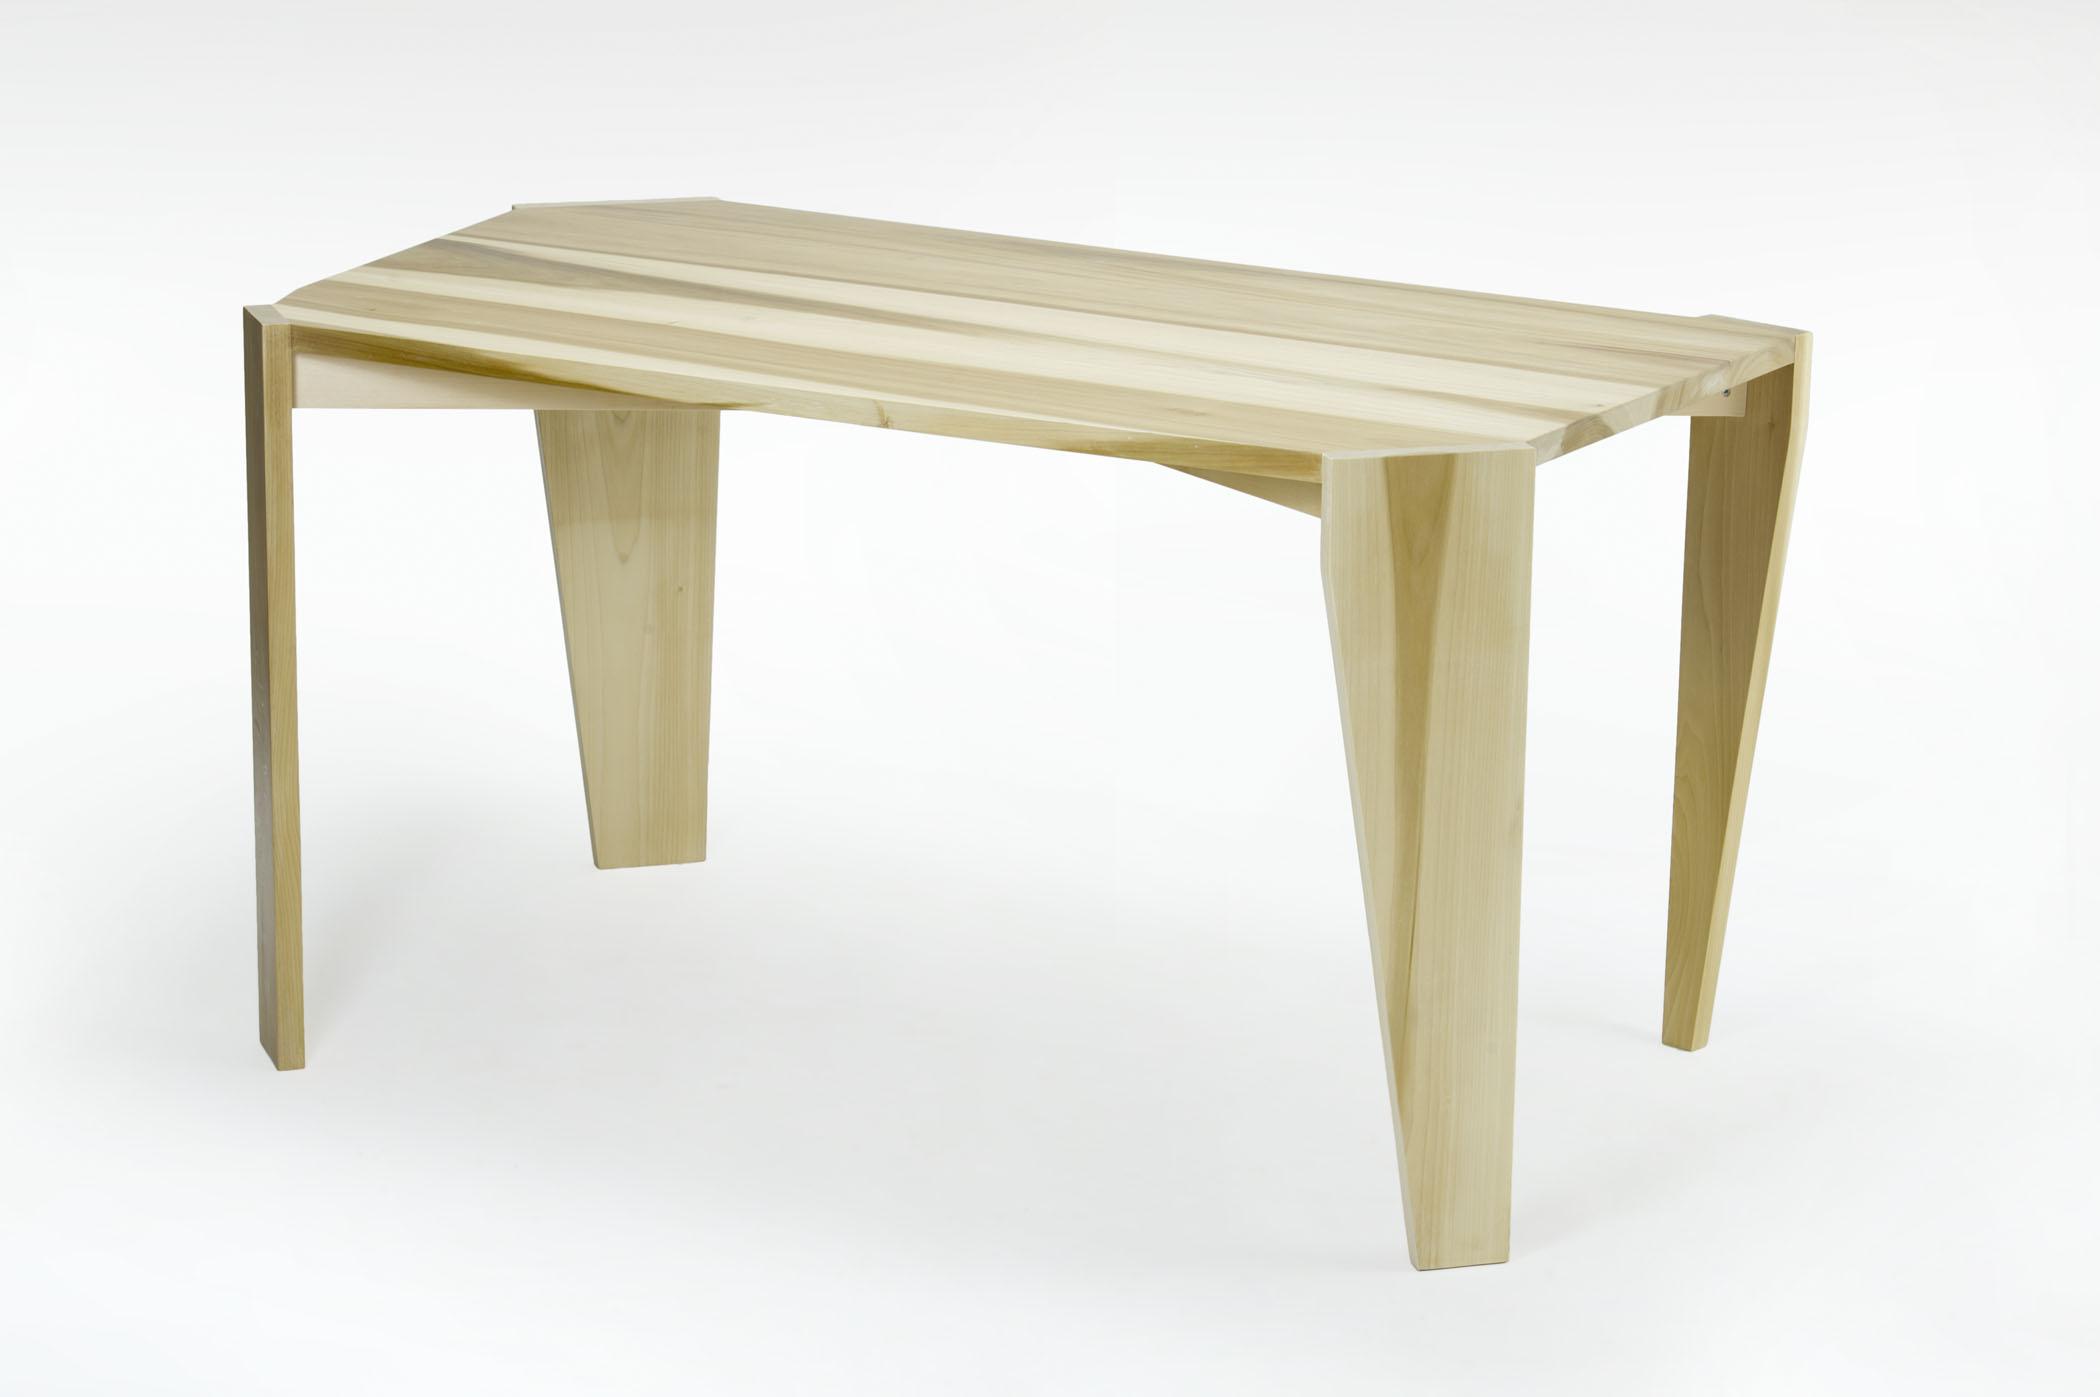 Tavolo artigianale dalla forma irregolare in legno massello di toulipier per sala da pranzo